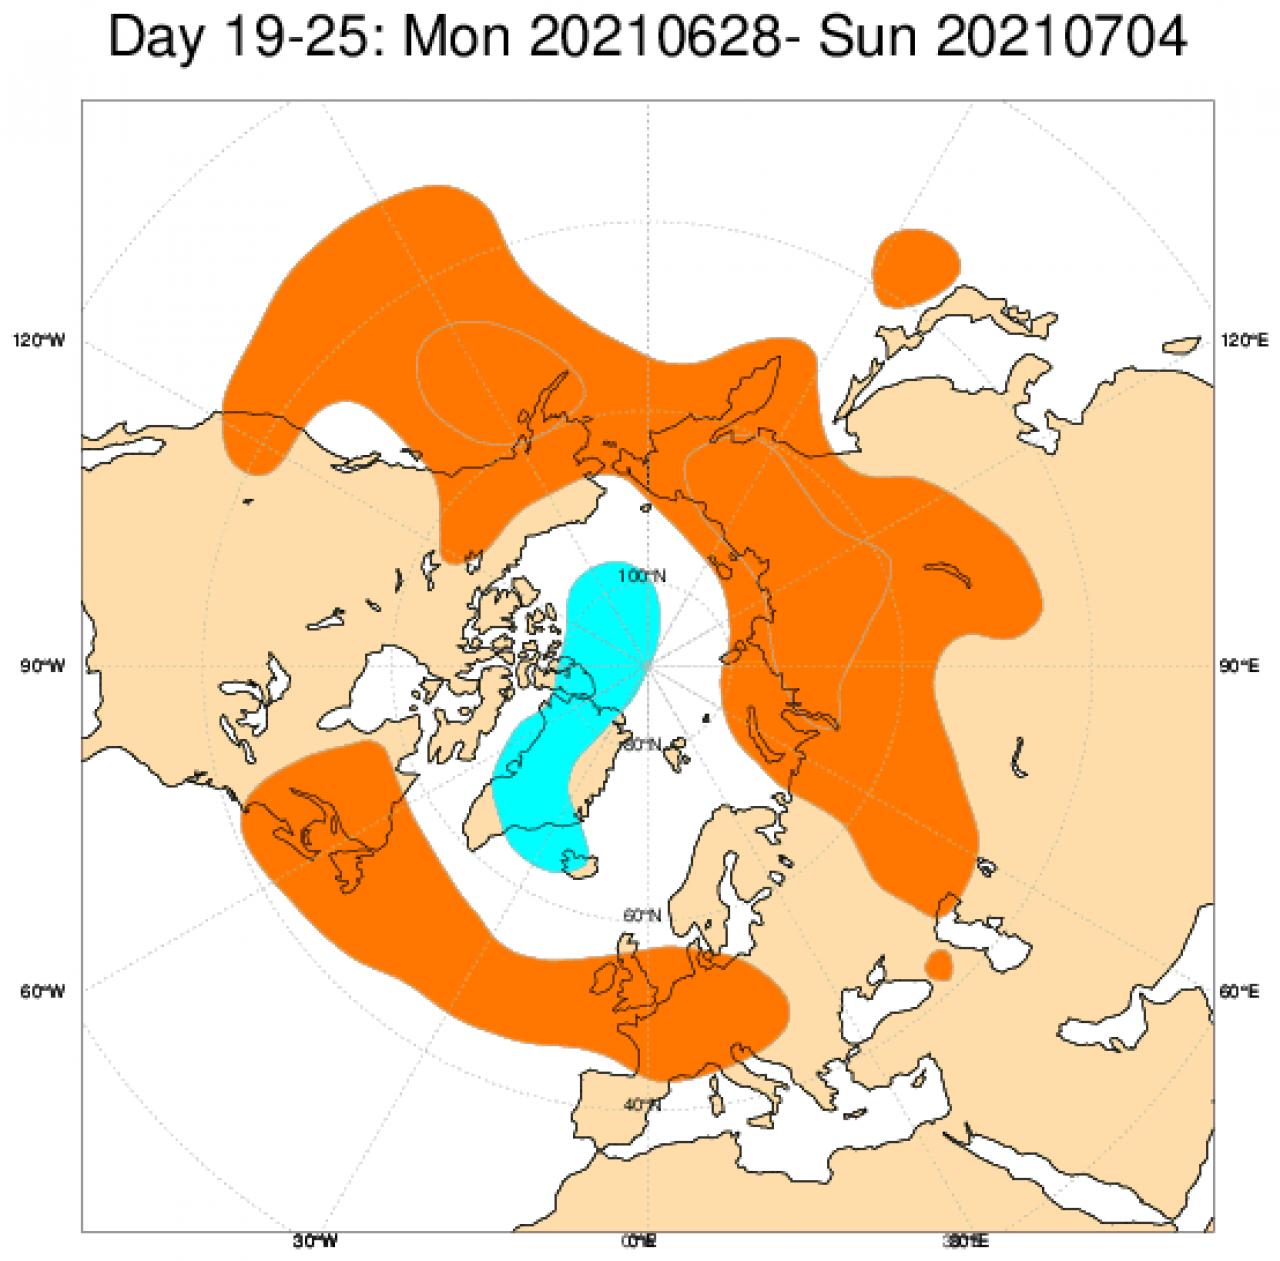 Le anomalie di geopotenziali in Europa secondo il modello ECMWF, mediate nel periodo 28 giugno - 4 luglio